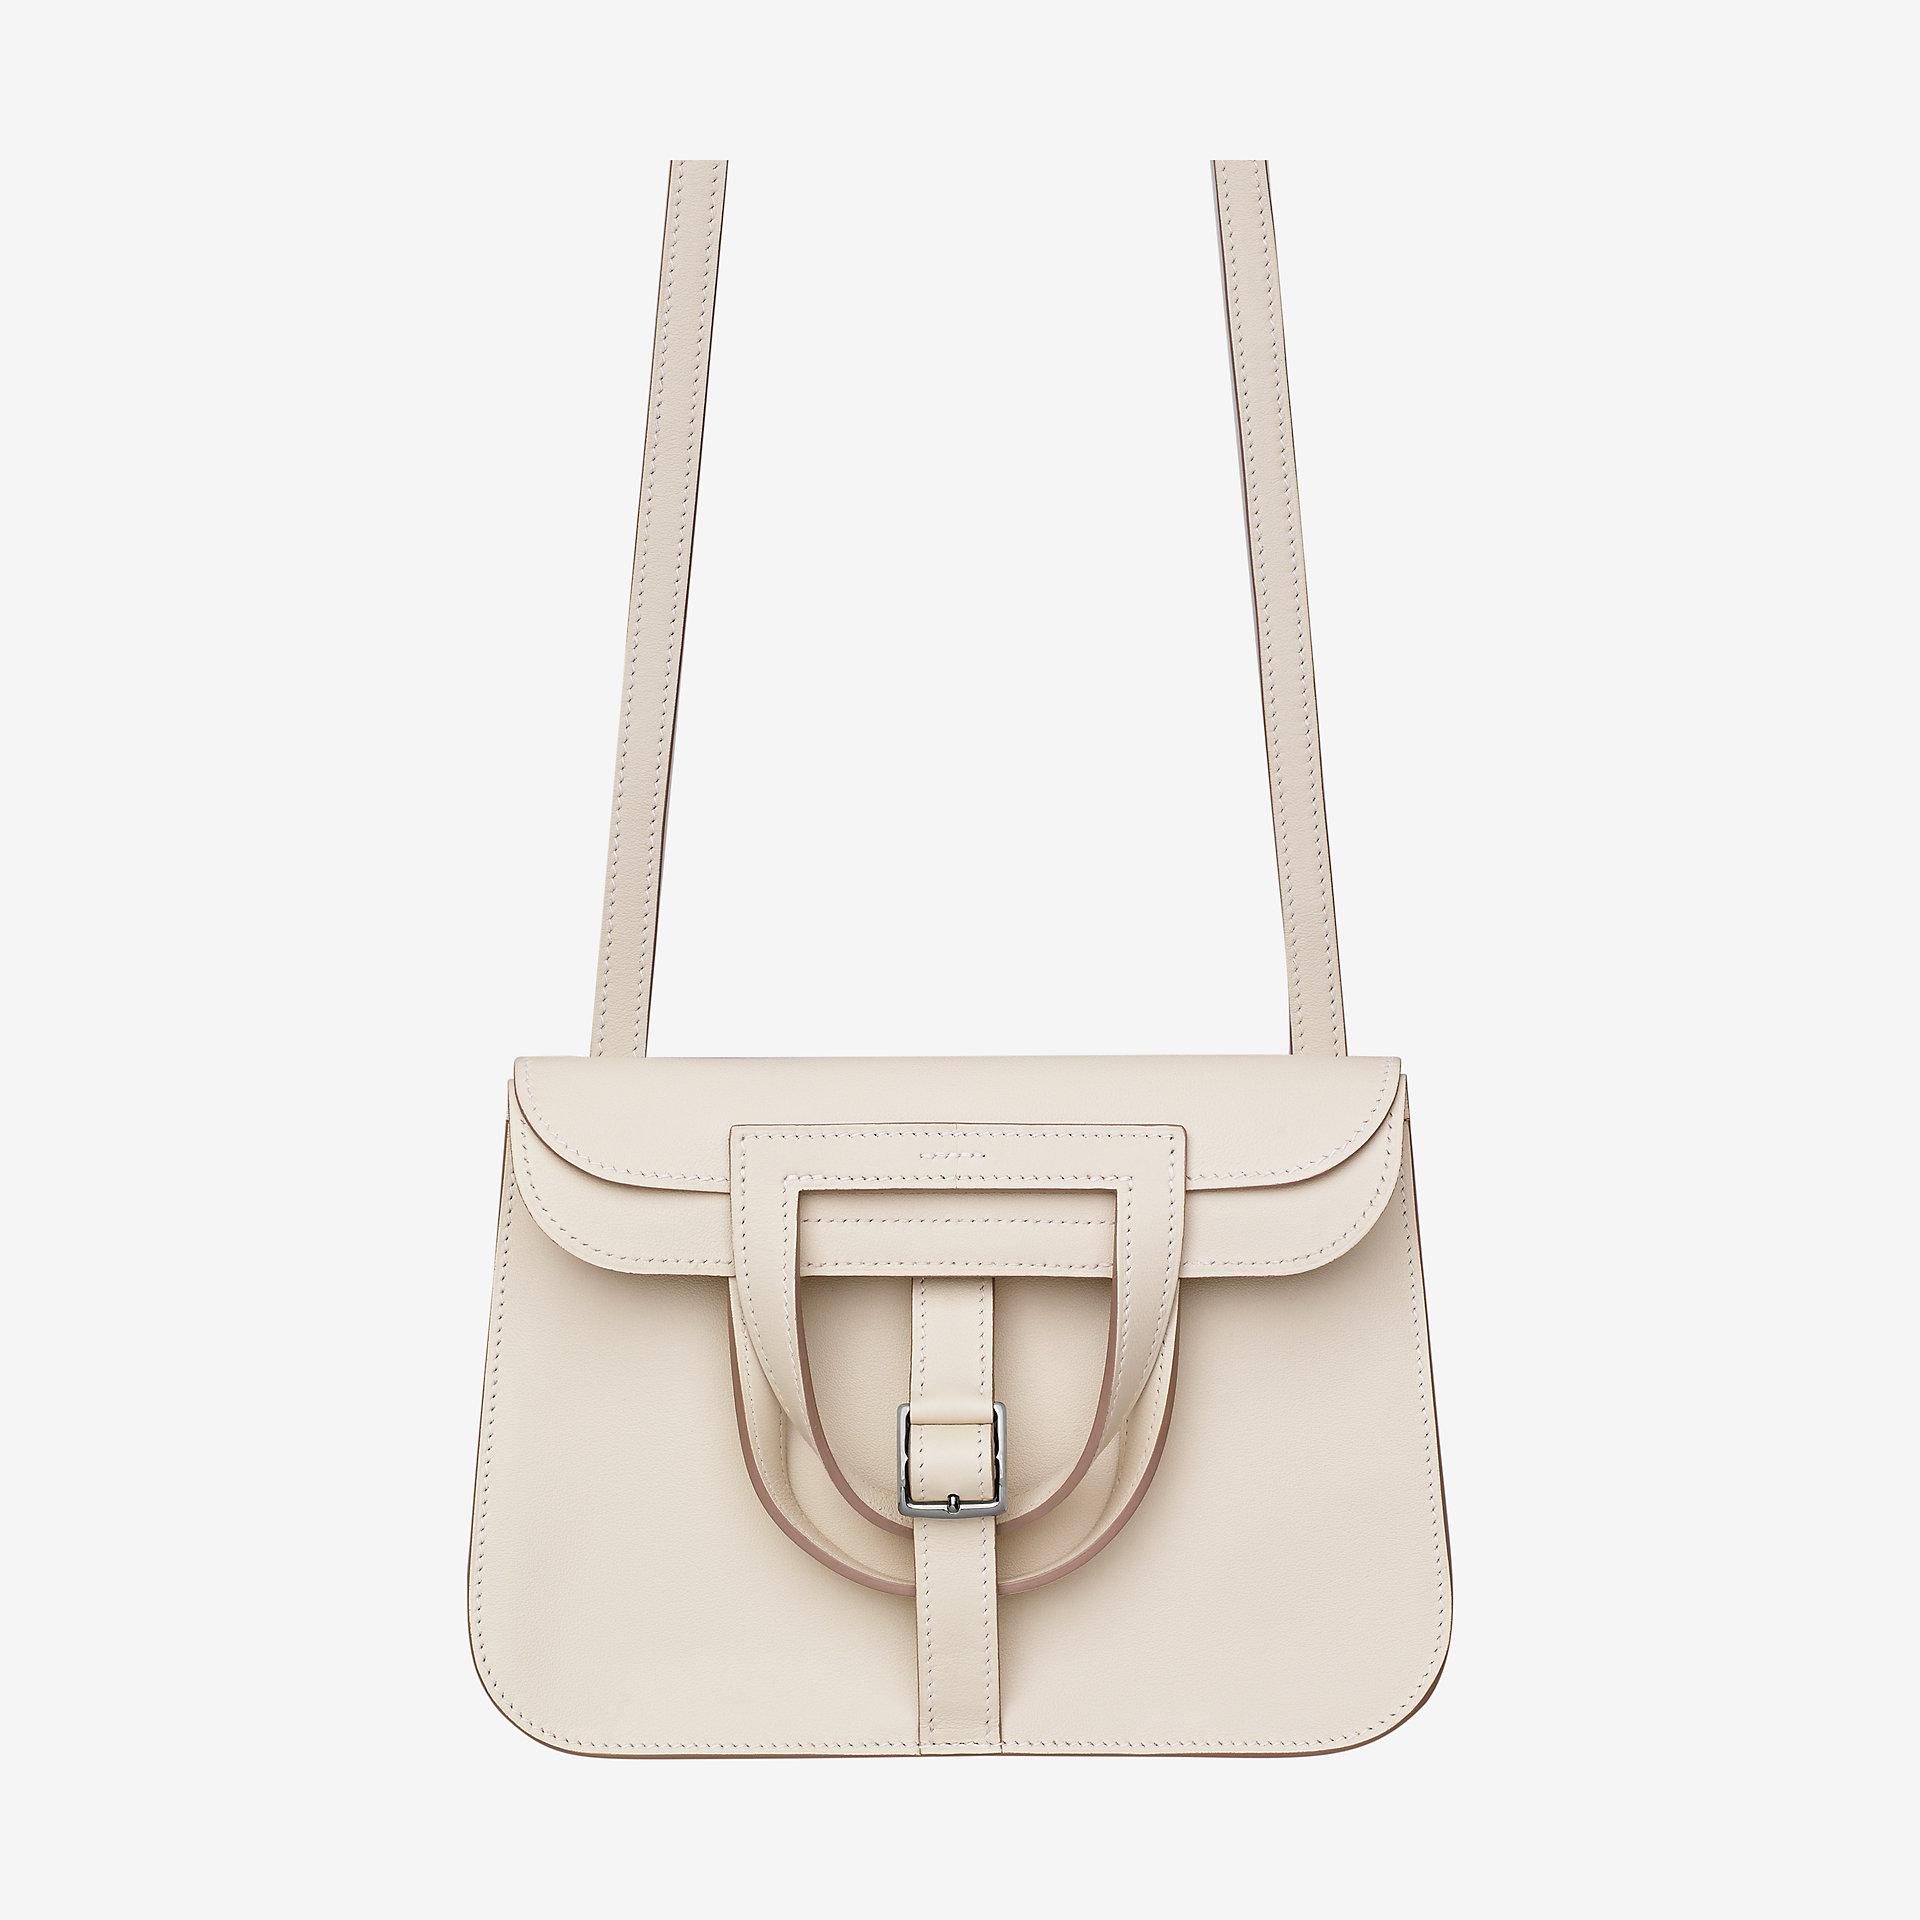 爱马仕迷你手提craie Swift小牛皮 Hermes Halzan mini bag